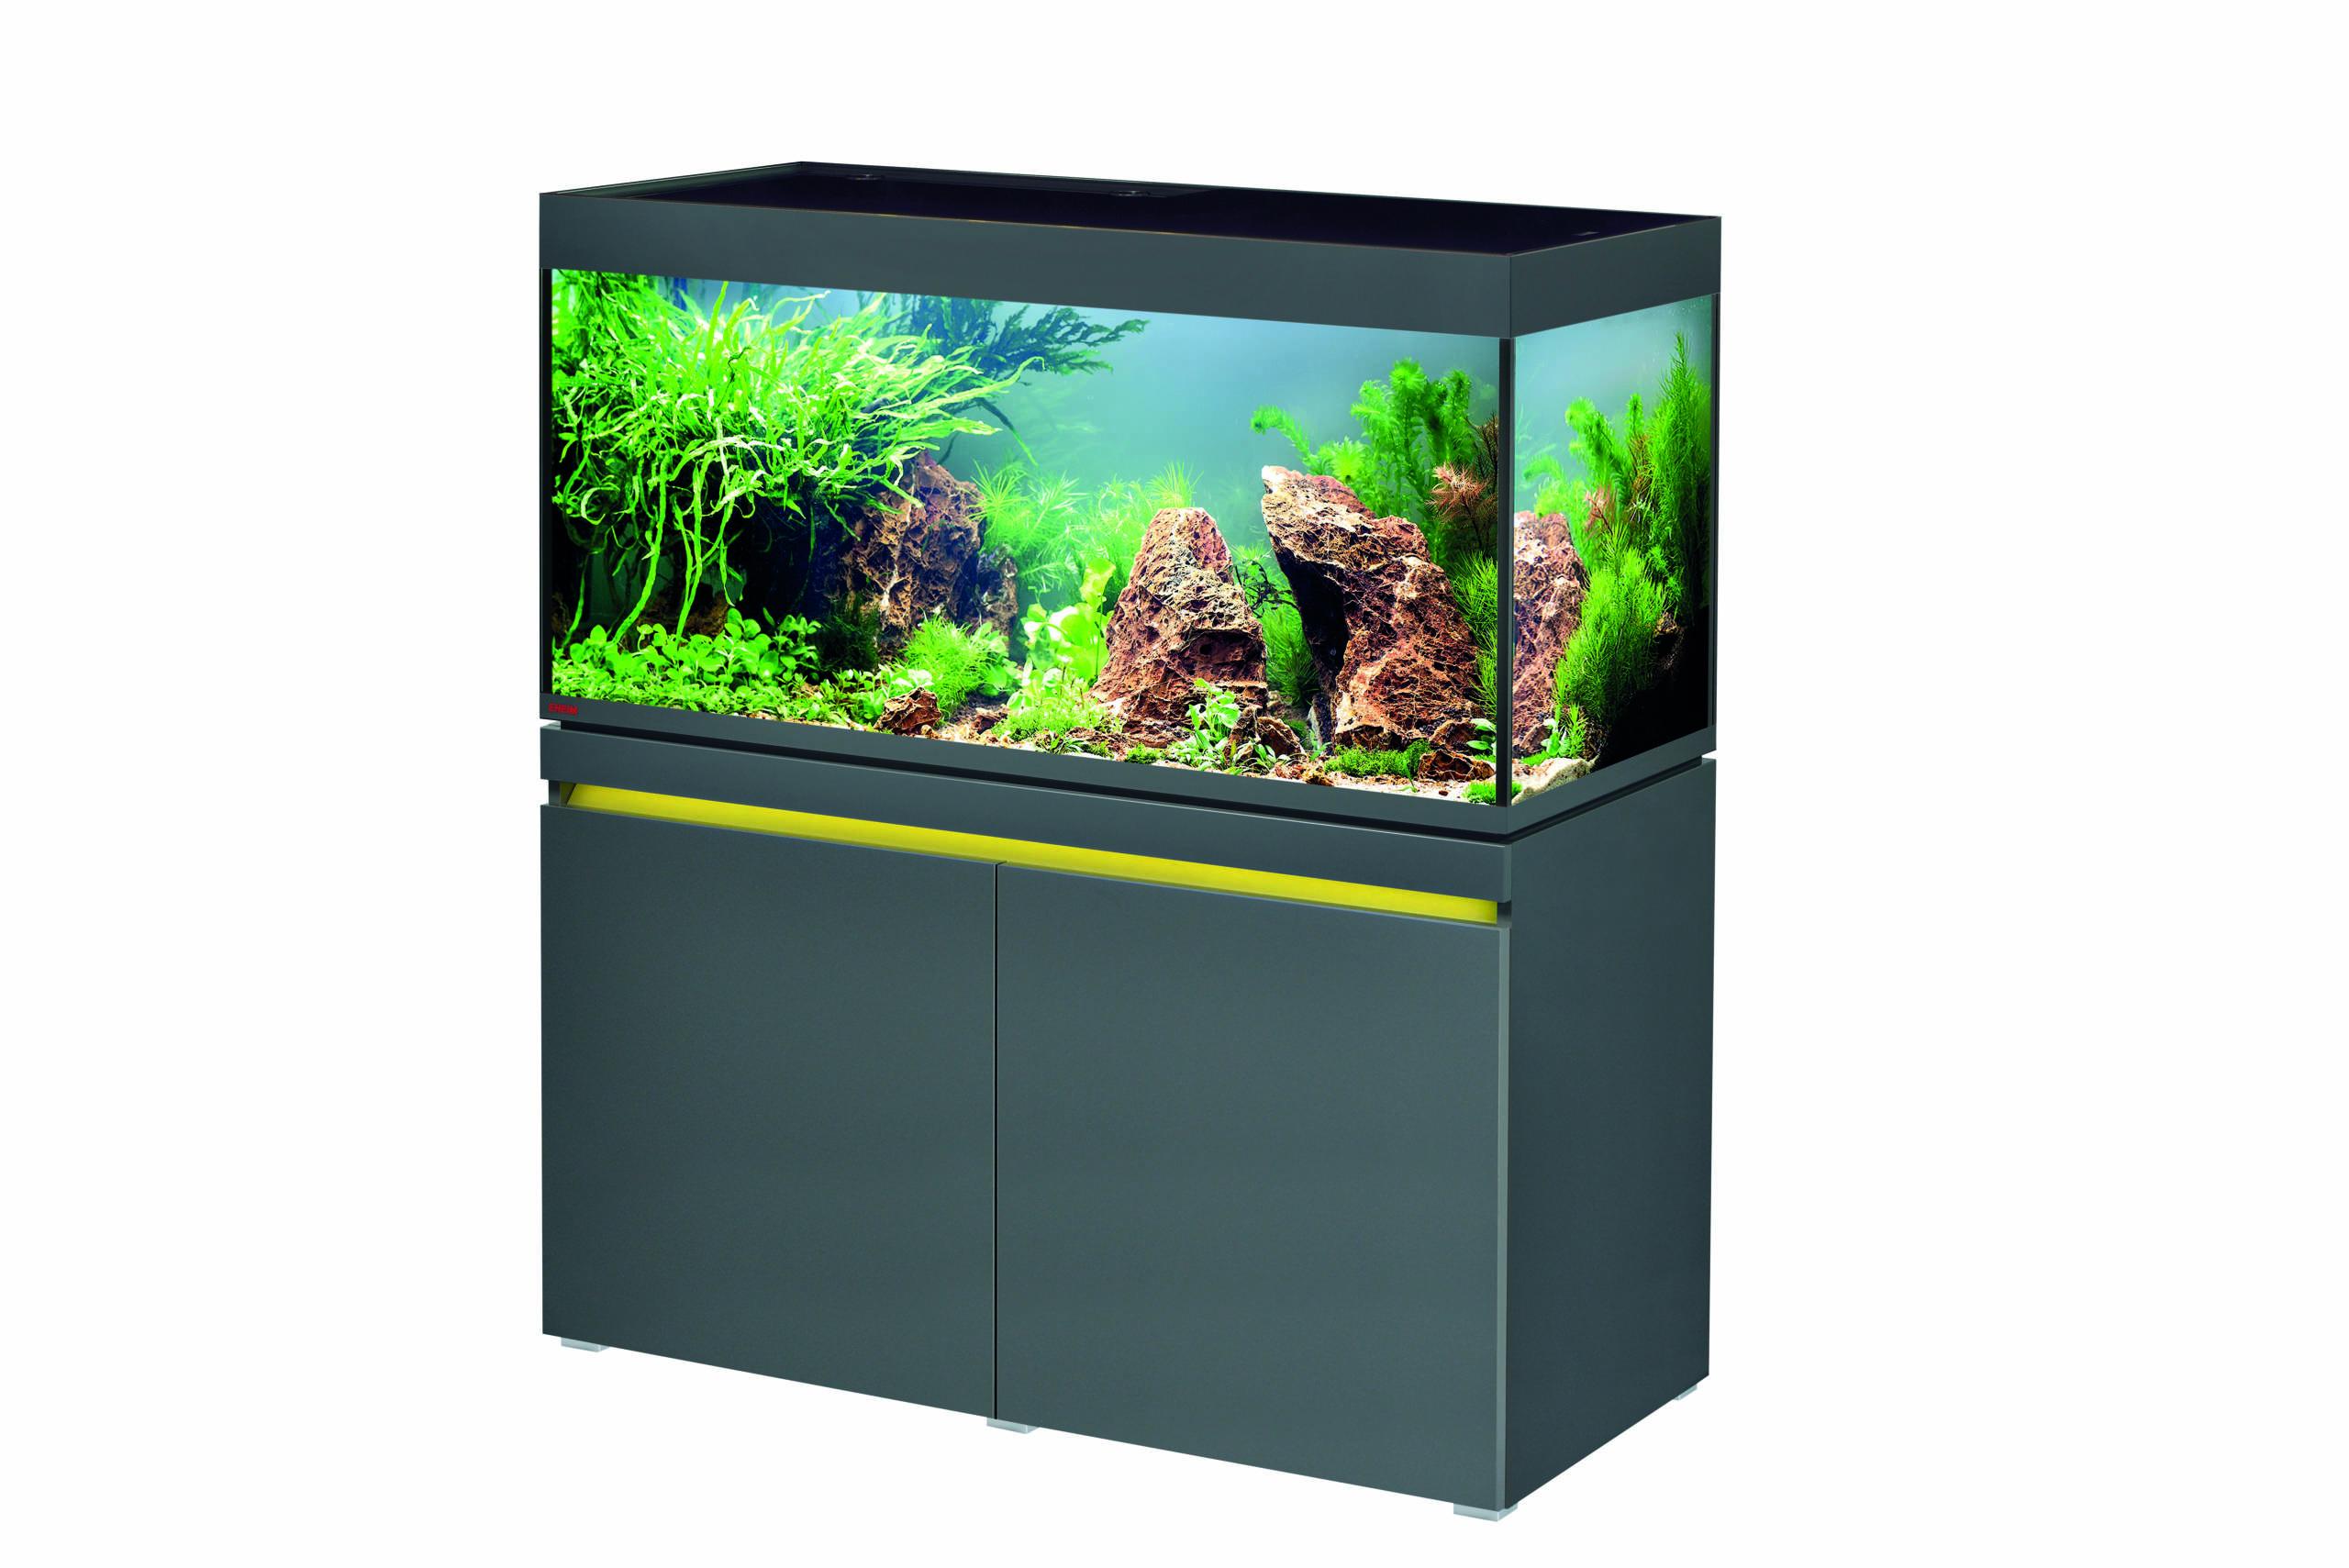 EHEIM incpiria Aquarium | Galerie Wasserwelten